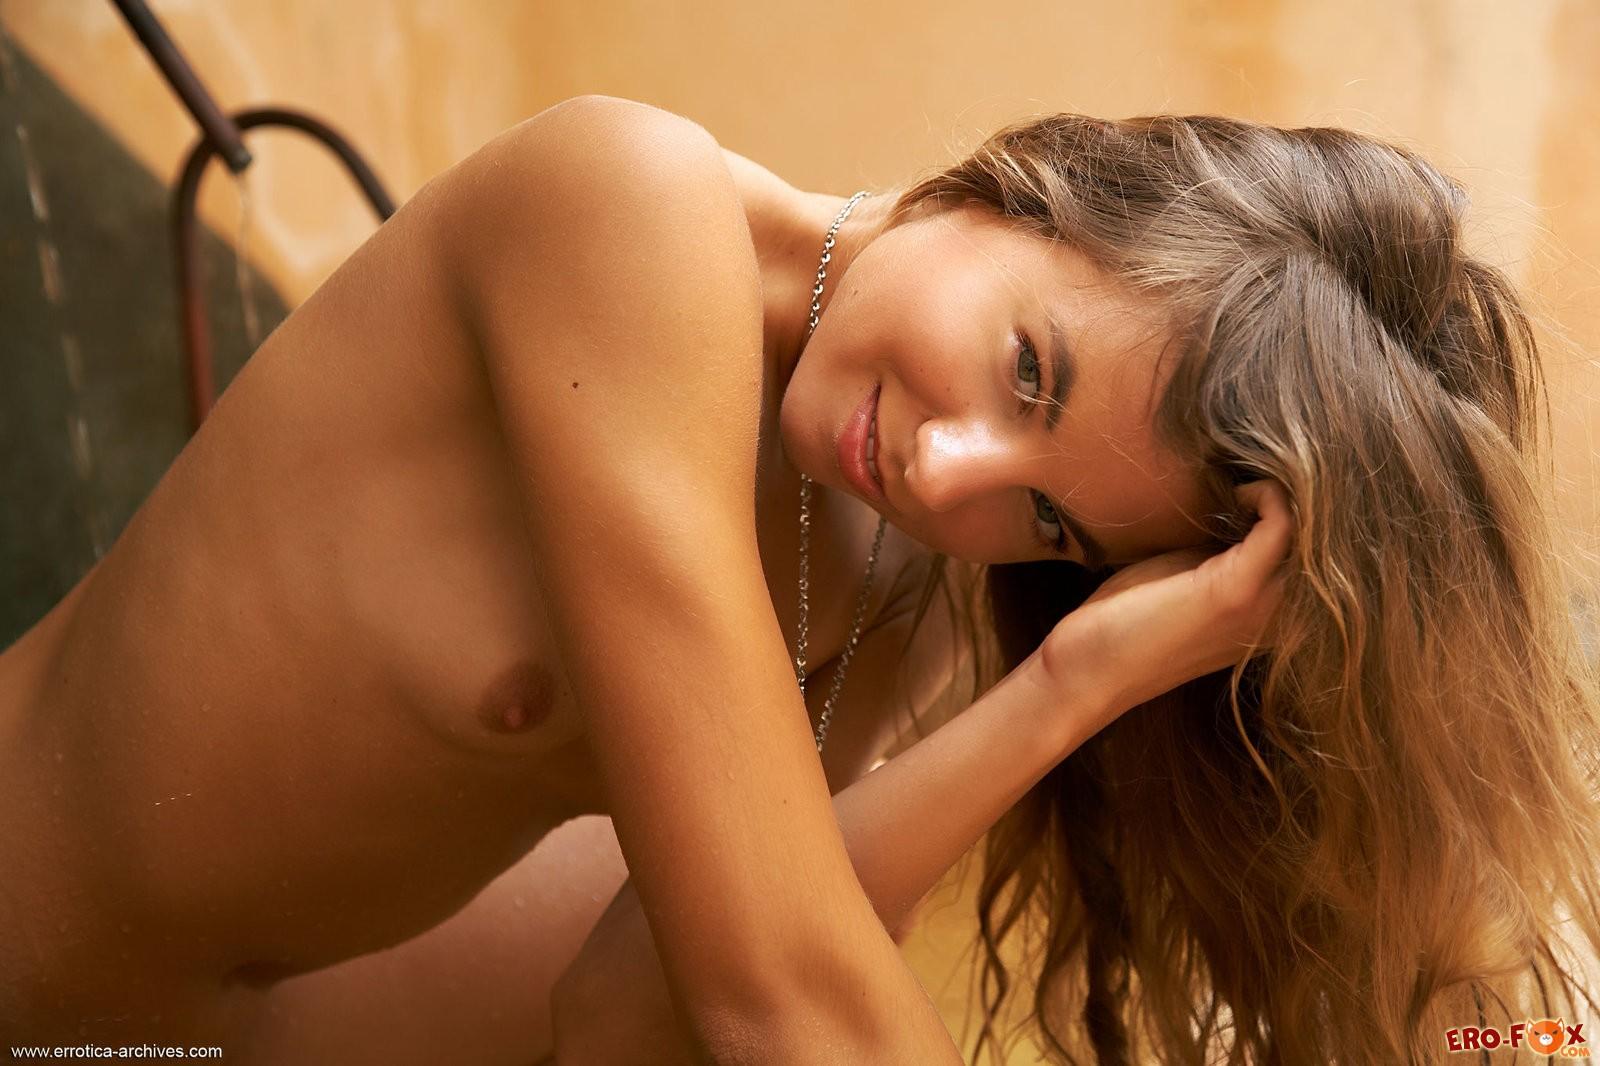 Голая девка с загорелым телом обливается водой в ванной